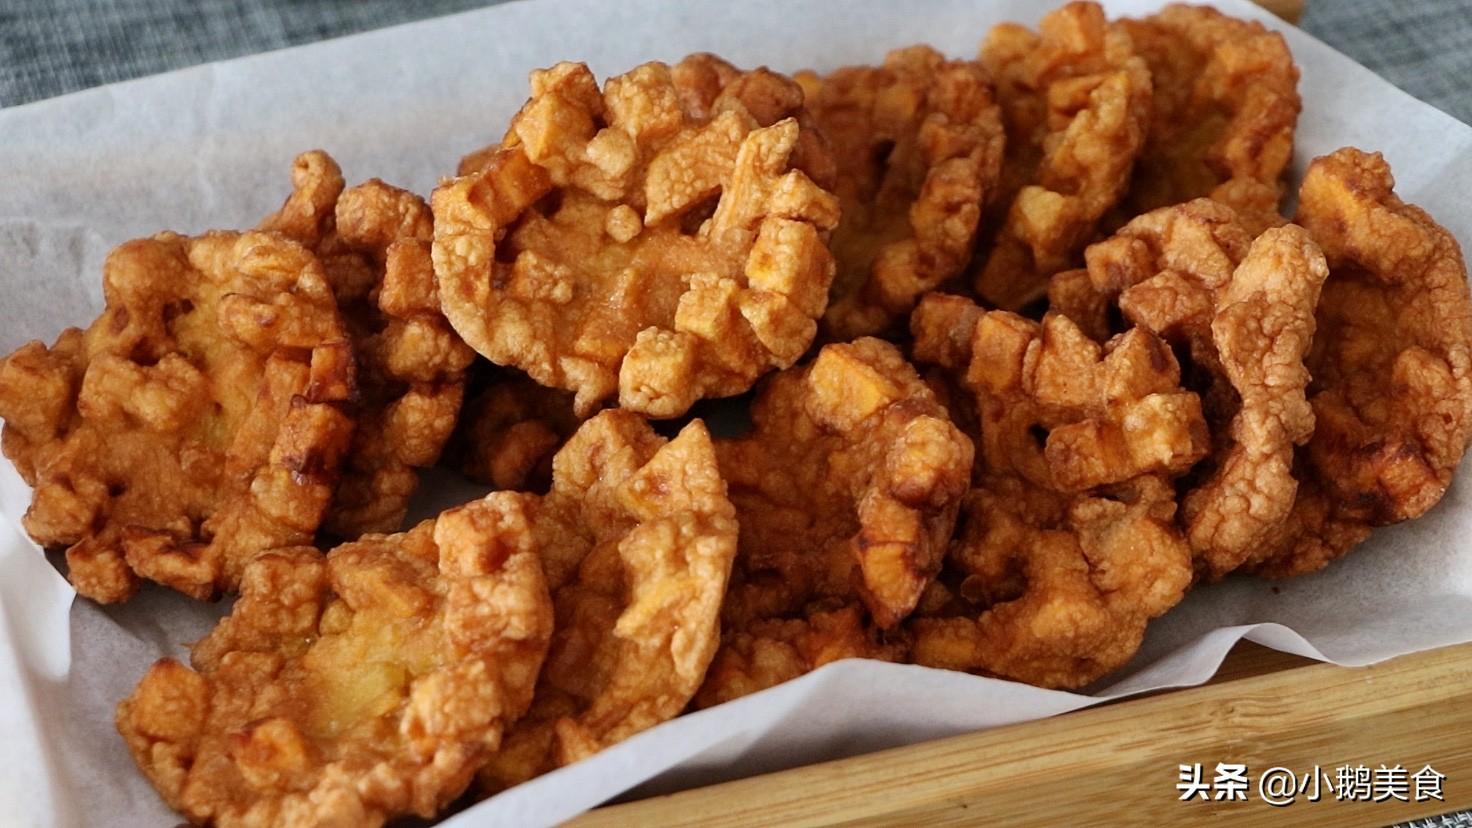 红薯别煮粥了,简单几步做小零食,香甜酥脆,孩子说比薯条还好吃 美食做法 第8张